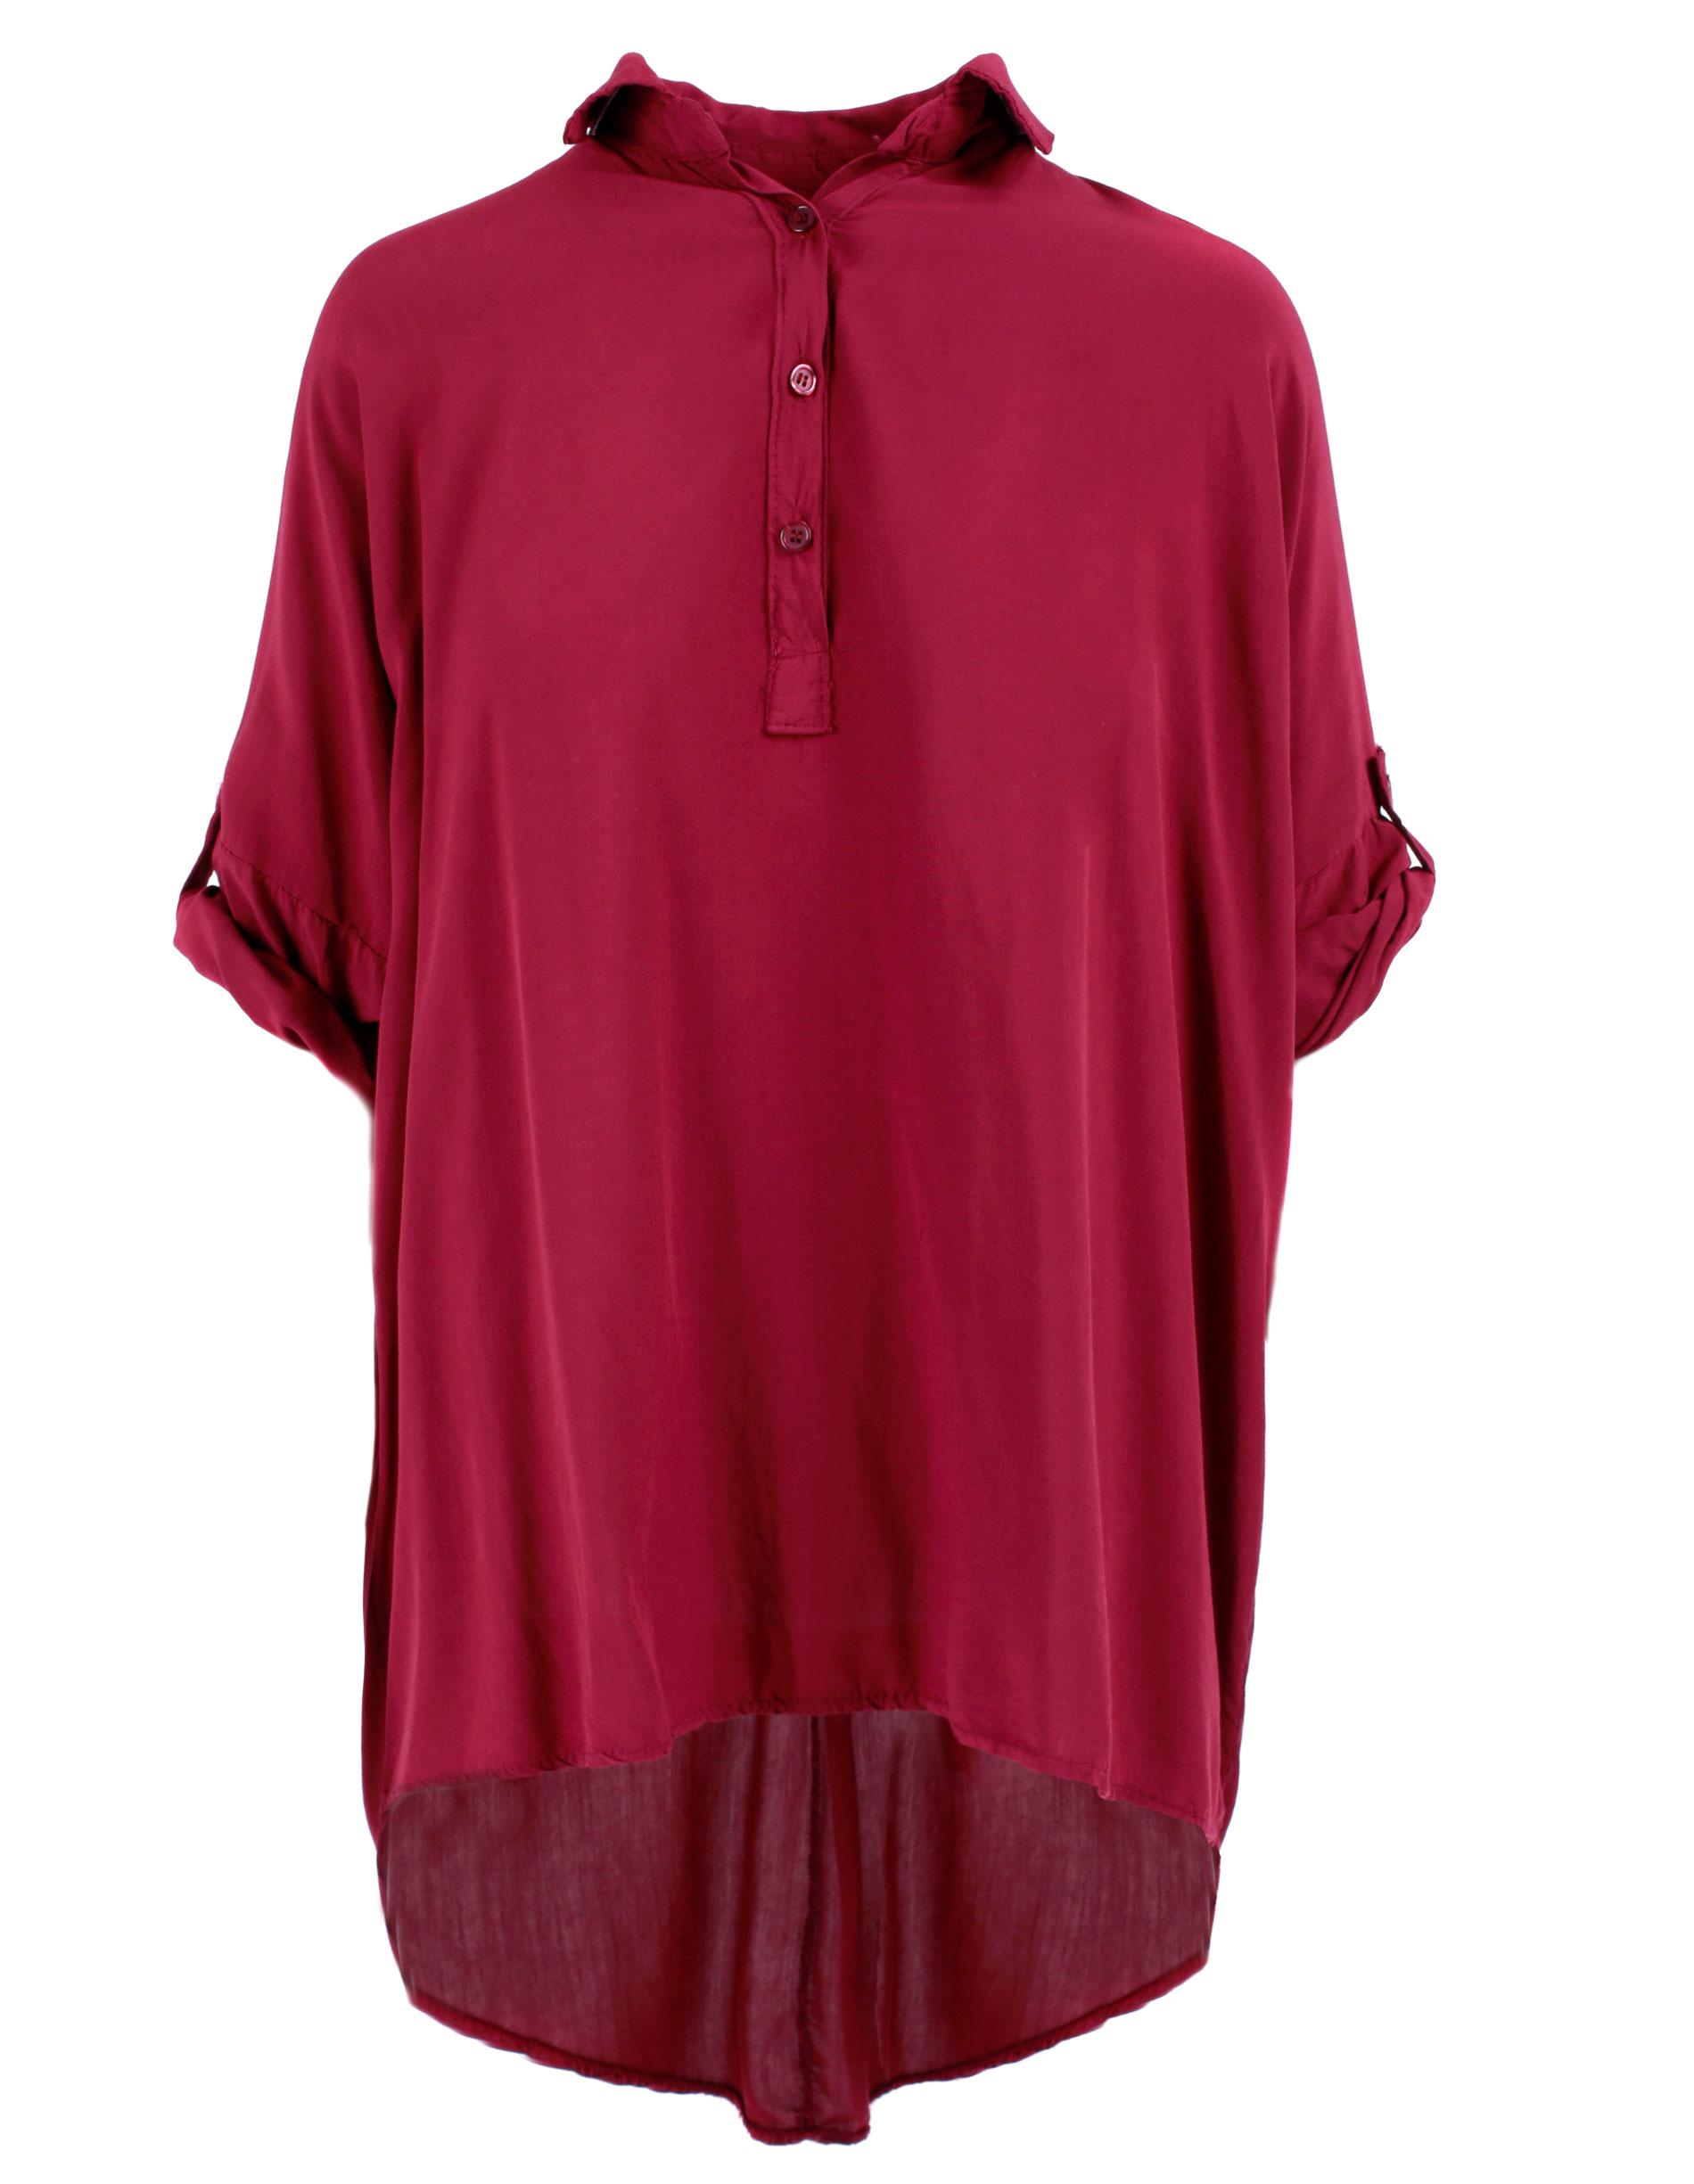 Koszula - 45-622 BORDO - Unisono